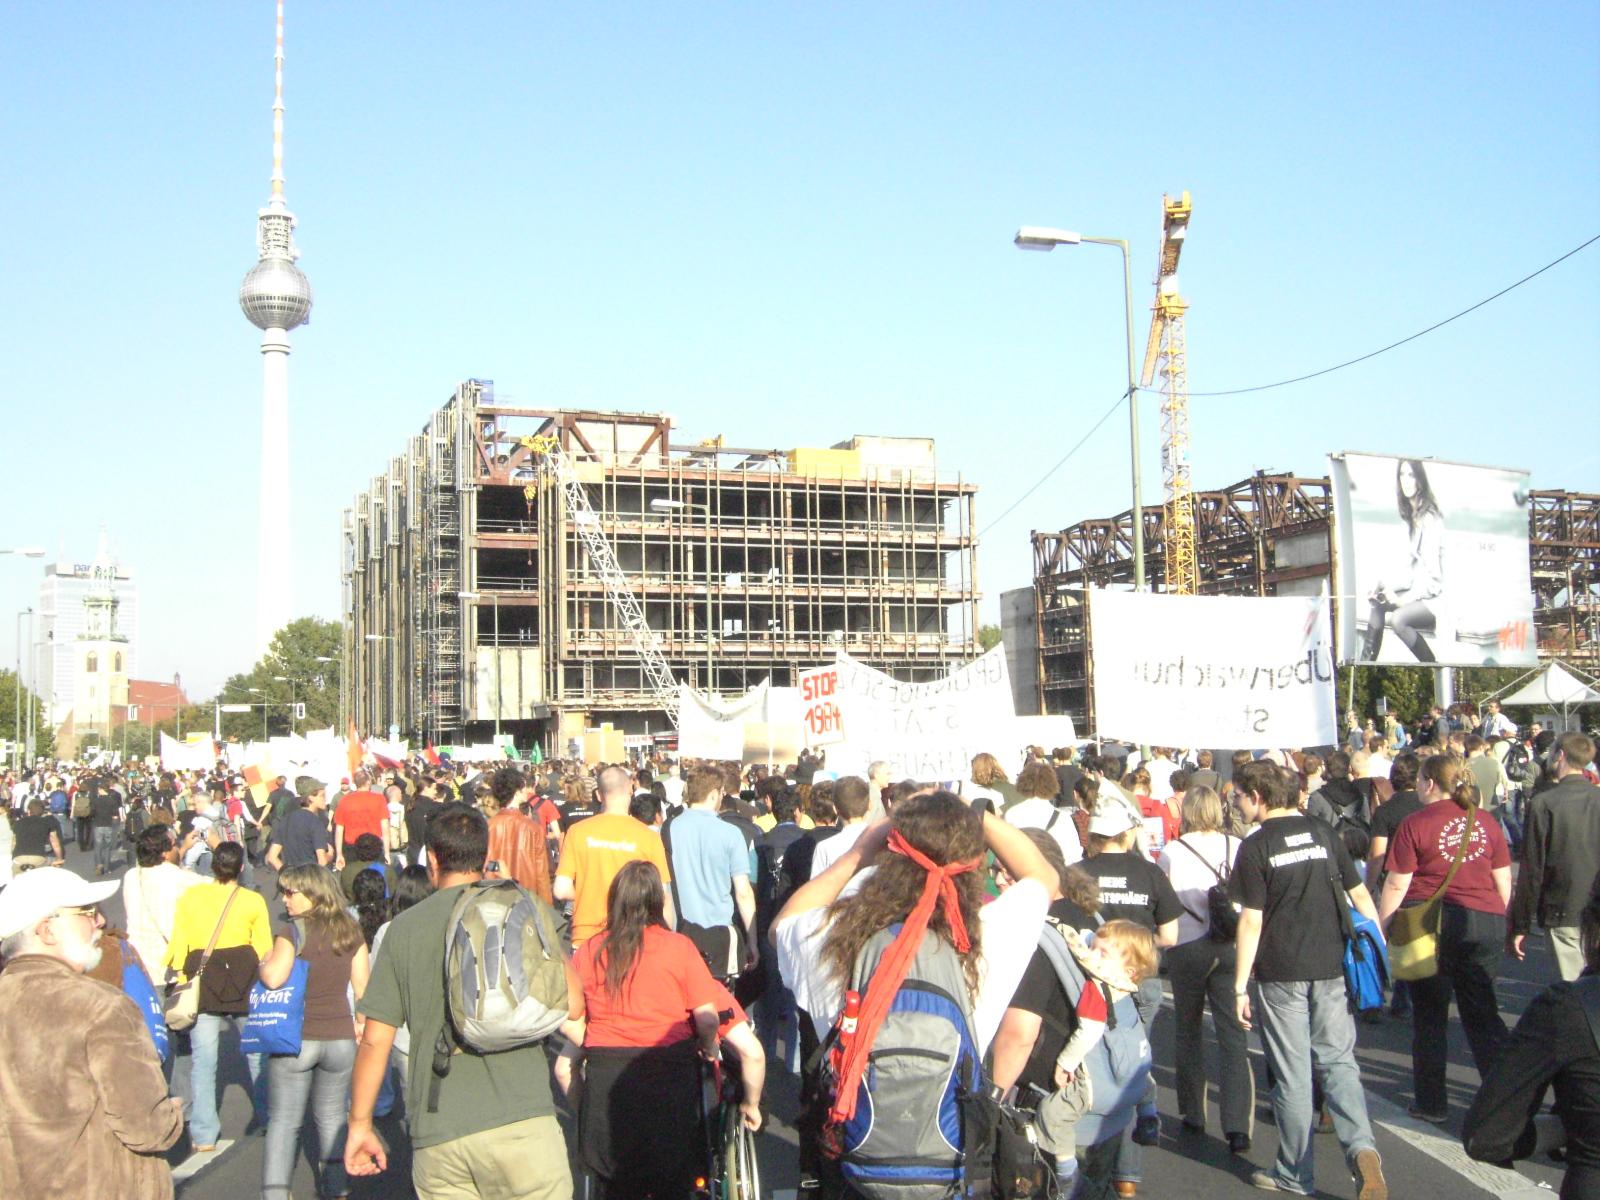 Freiheit statt Angst - Demonstrationszug